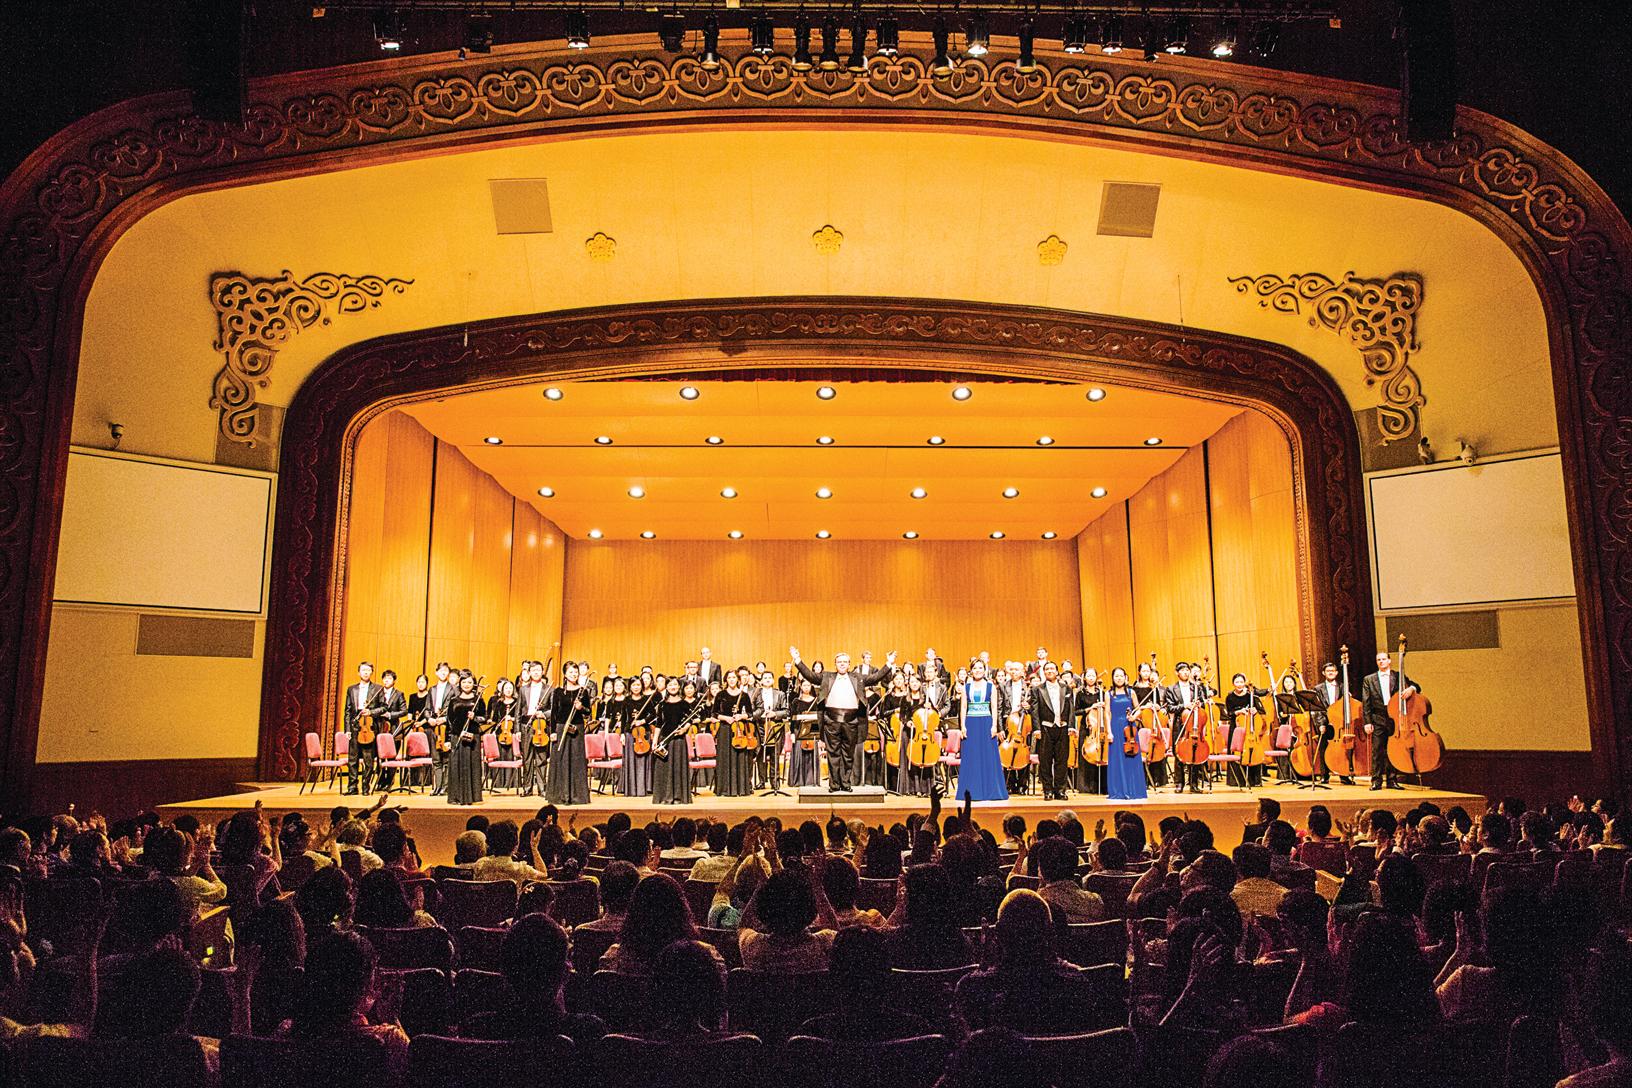 2016年10月3日晚間,神韻交響樂團在臺北中山堂最後一場的演出。(陳柏州/大紀元)